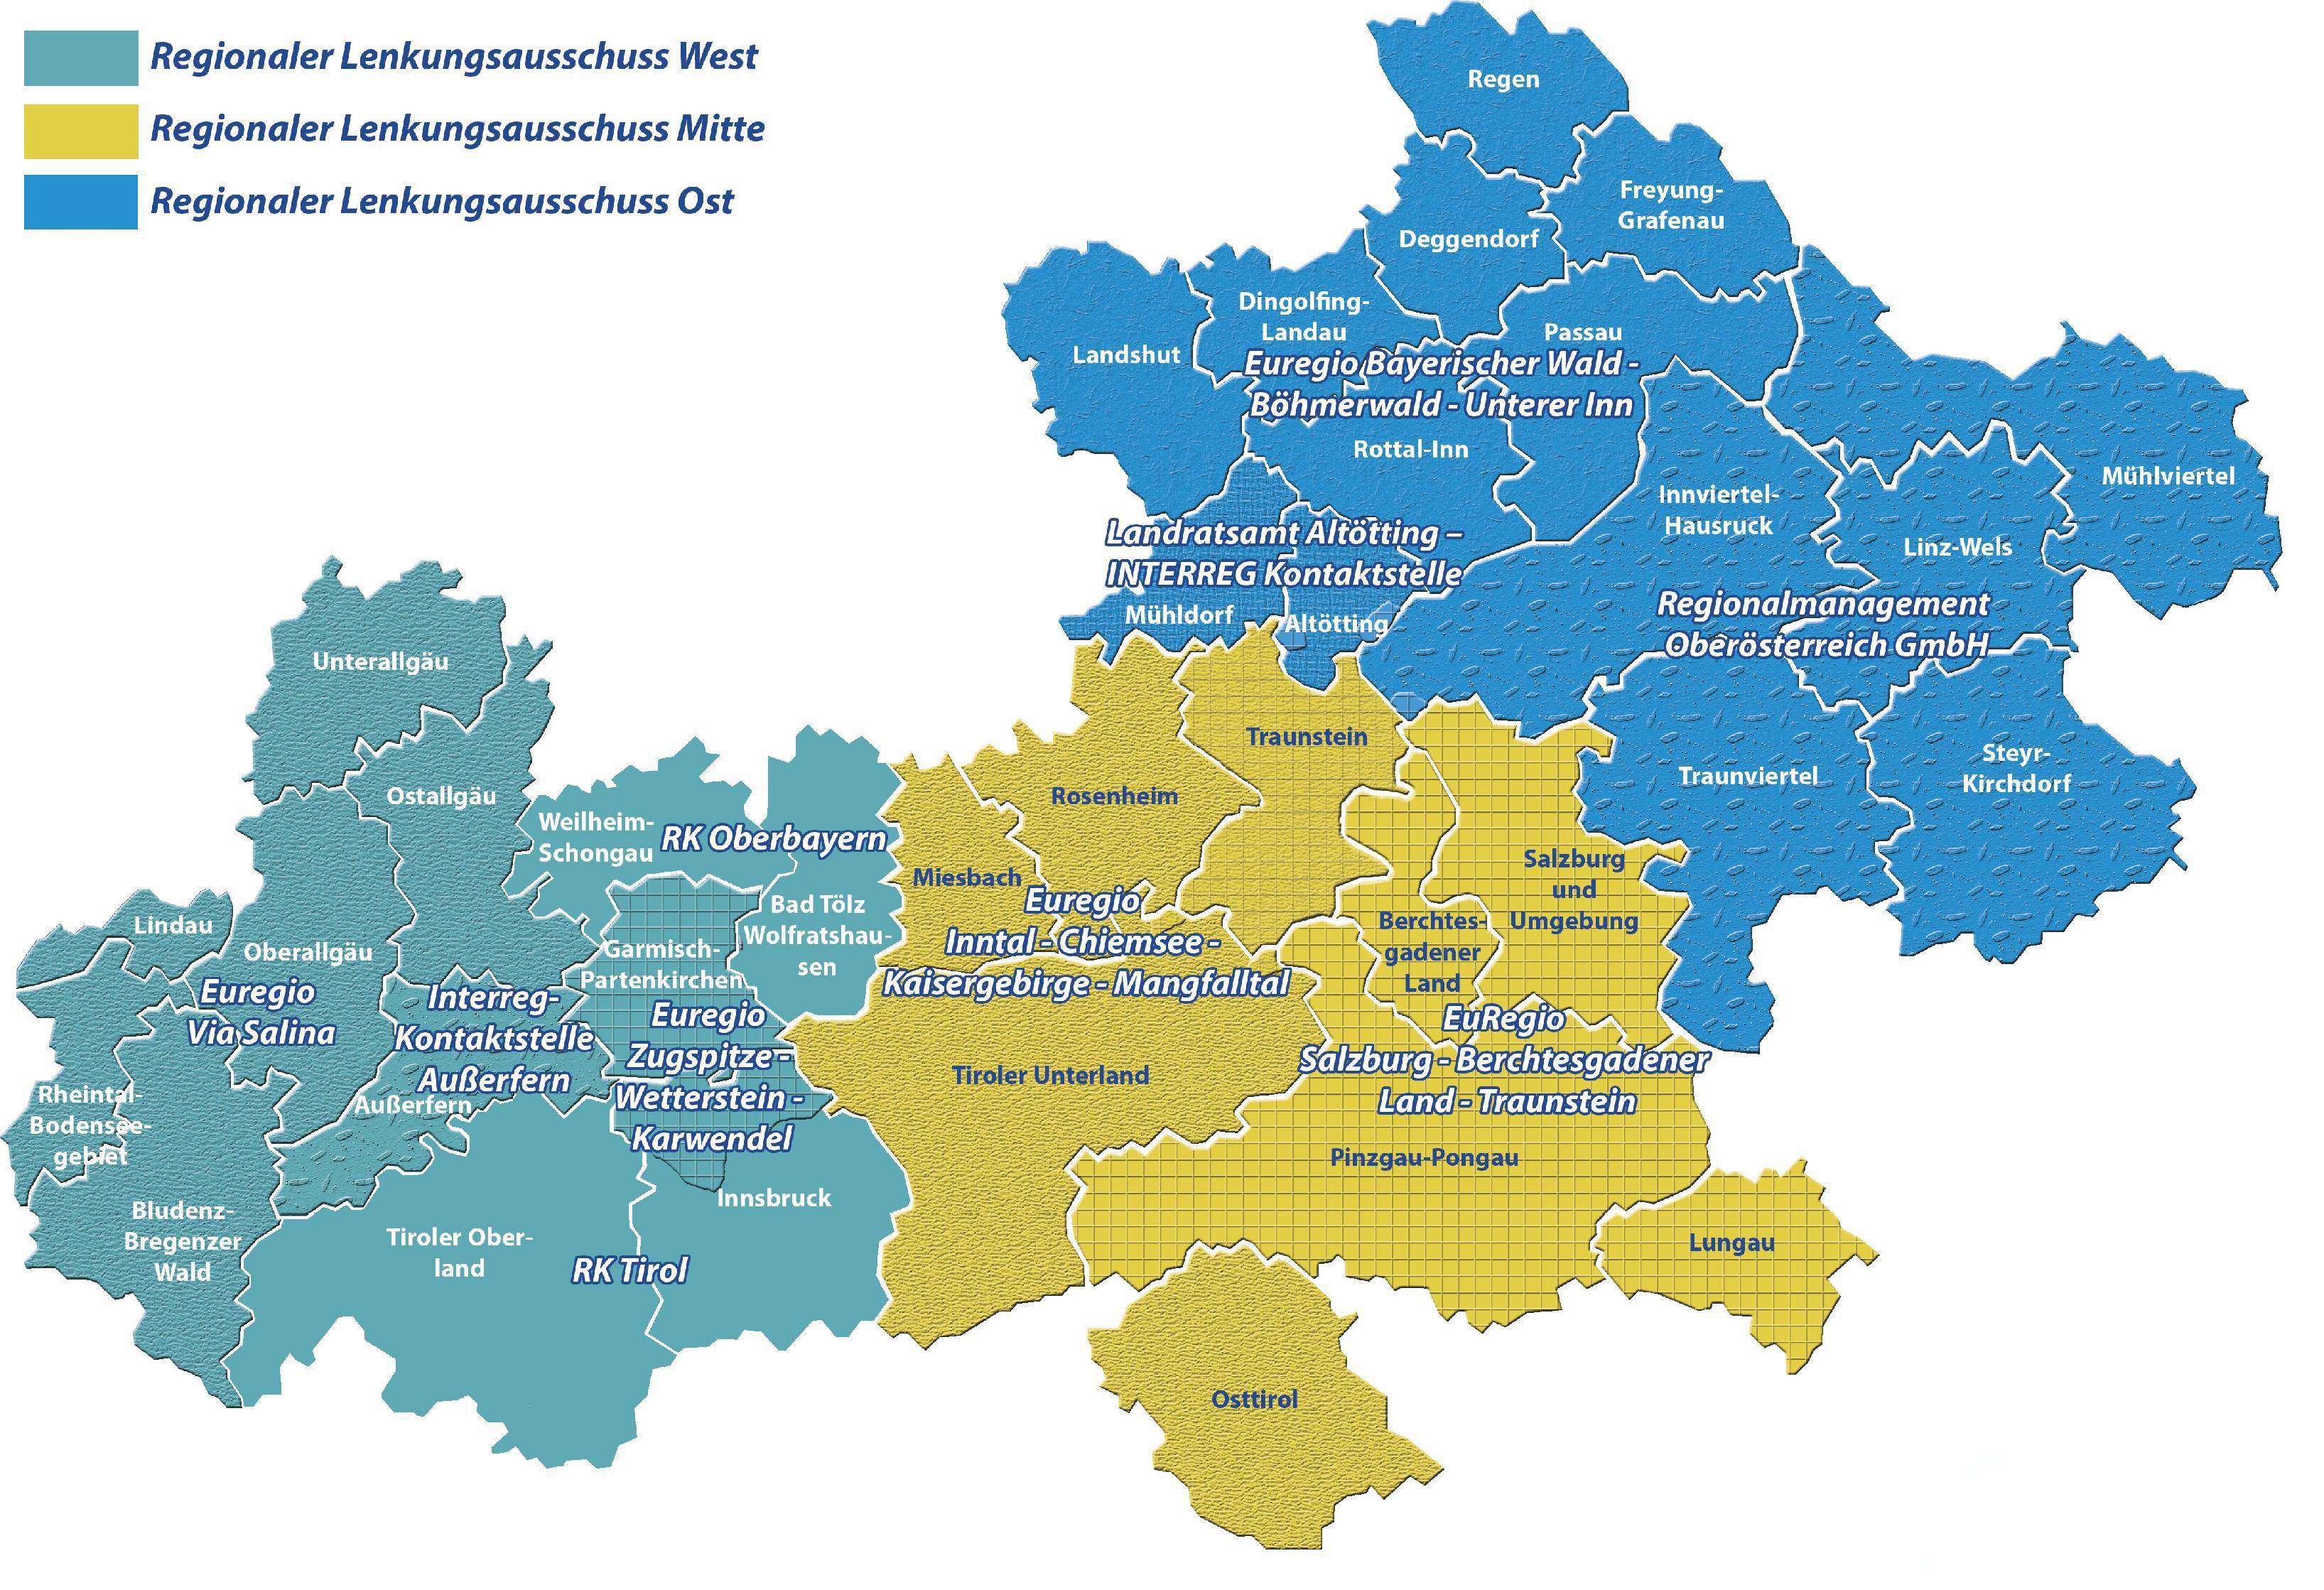 Karte der 3 Regionalen Lenkungsausschüssen. West, Mitte und Ost